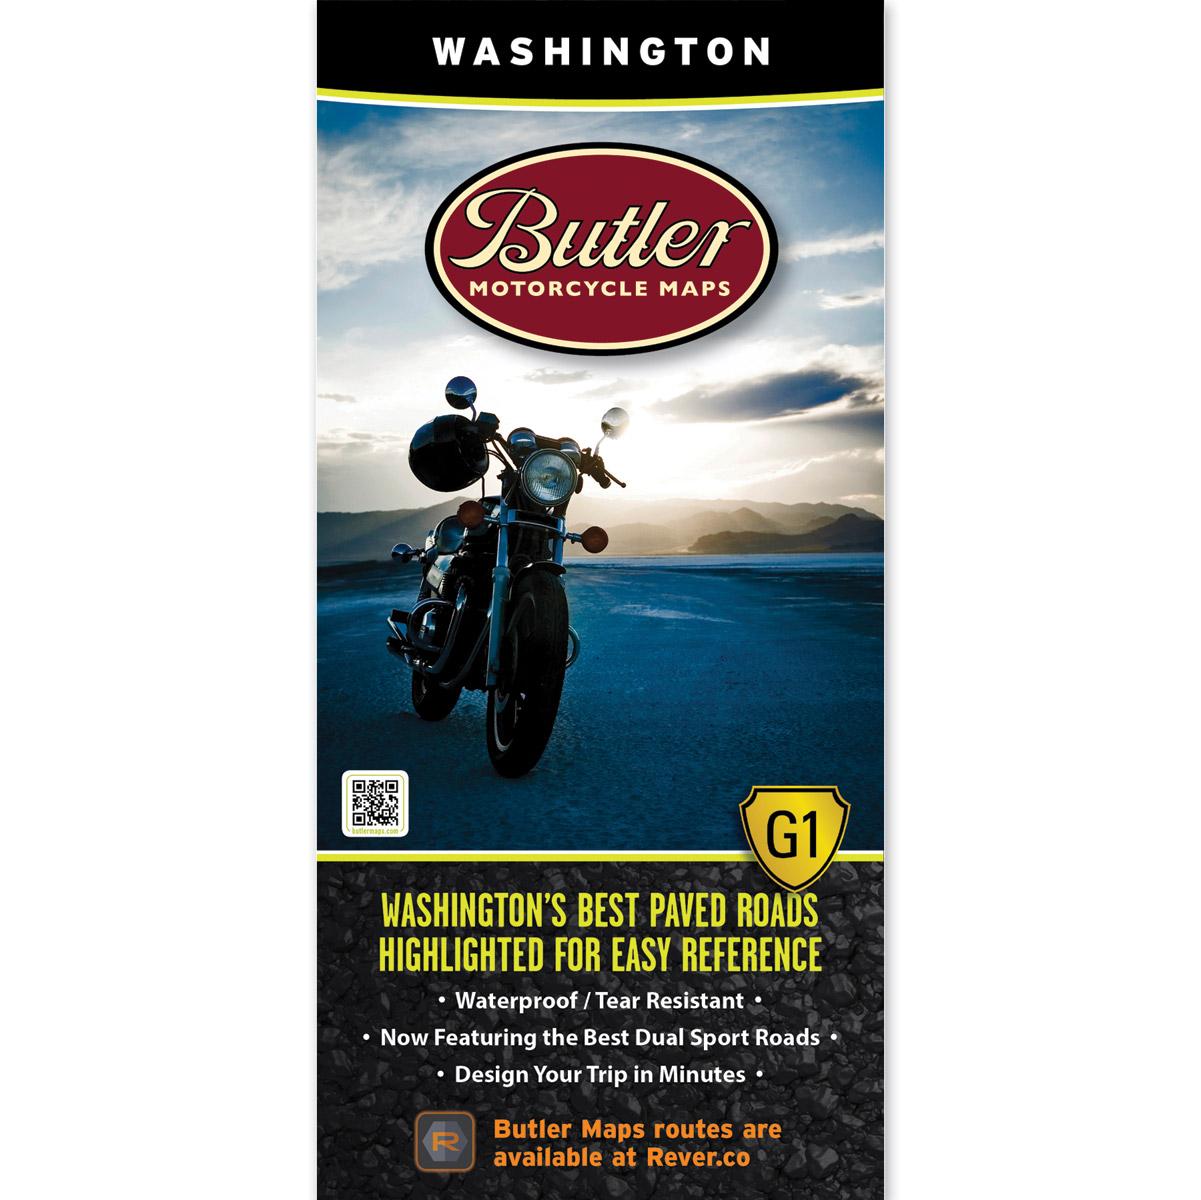 Butler Maps G1 Washington Motorcycle Map